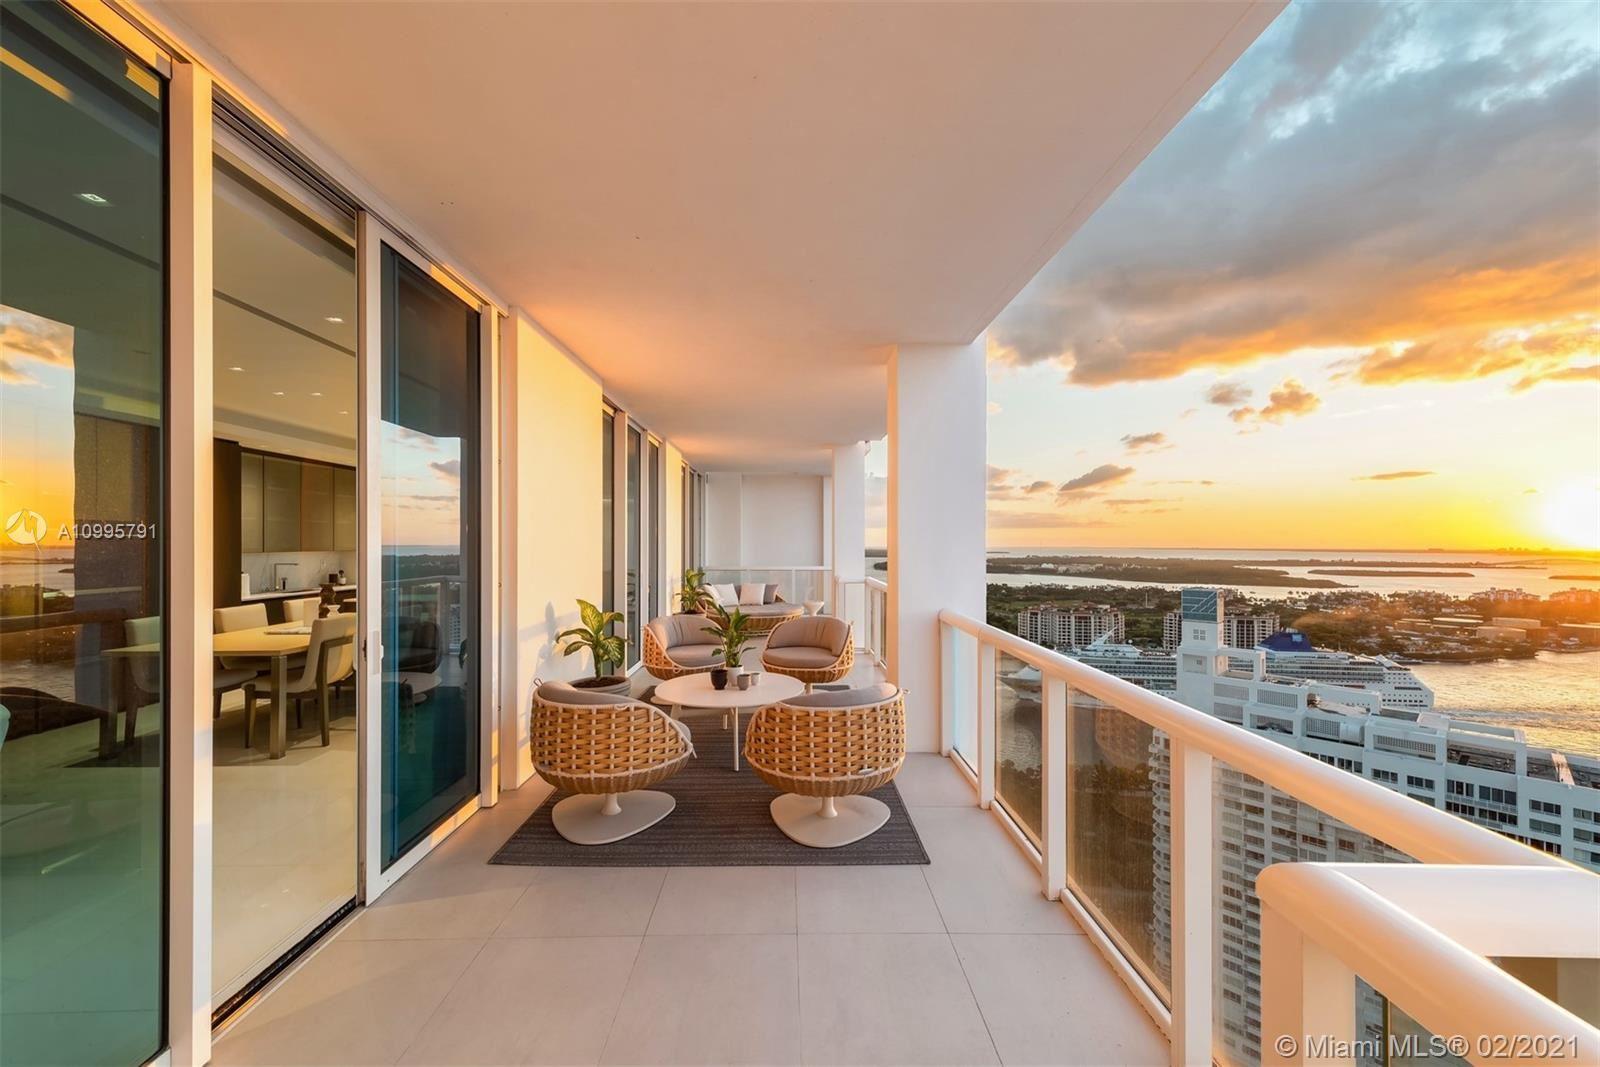 50 S Pointe Dr #3403, Miami Beach, FL 33139 - #: A10995791